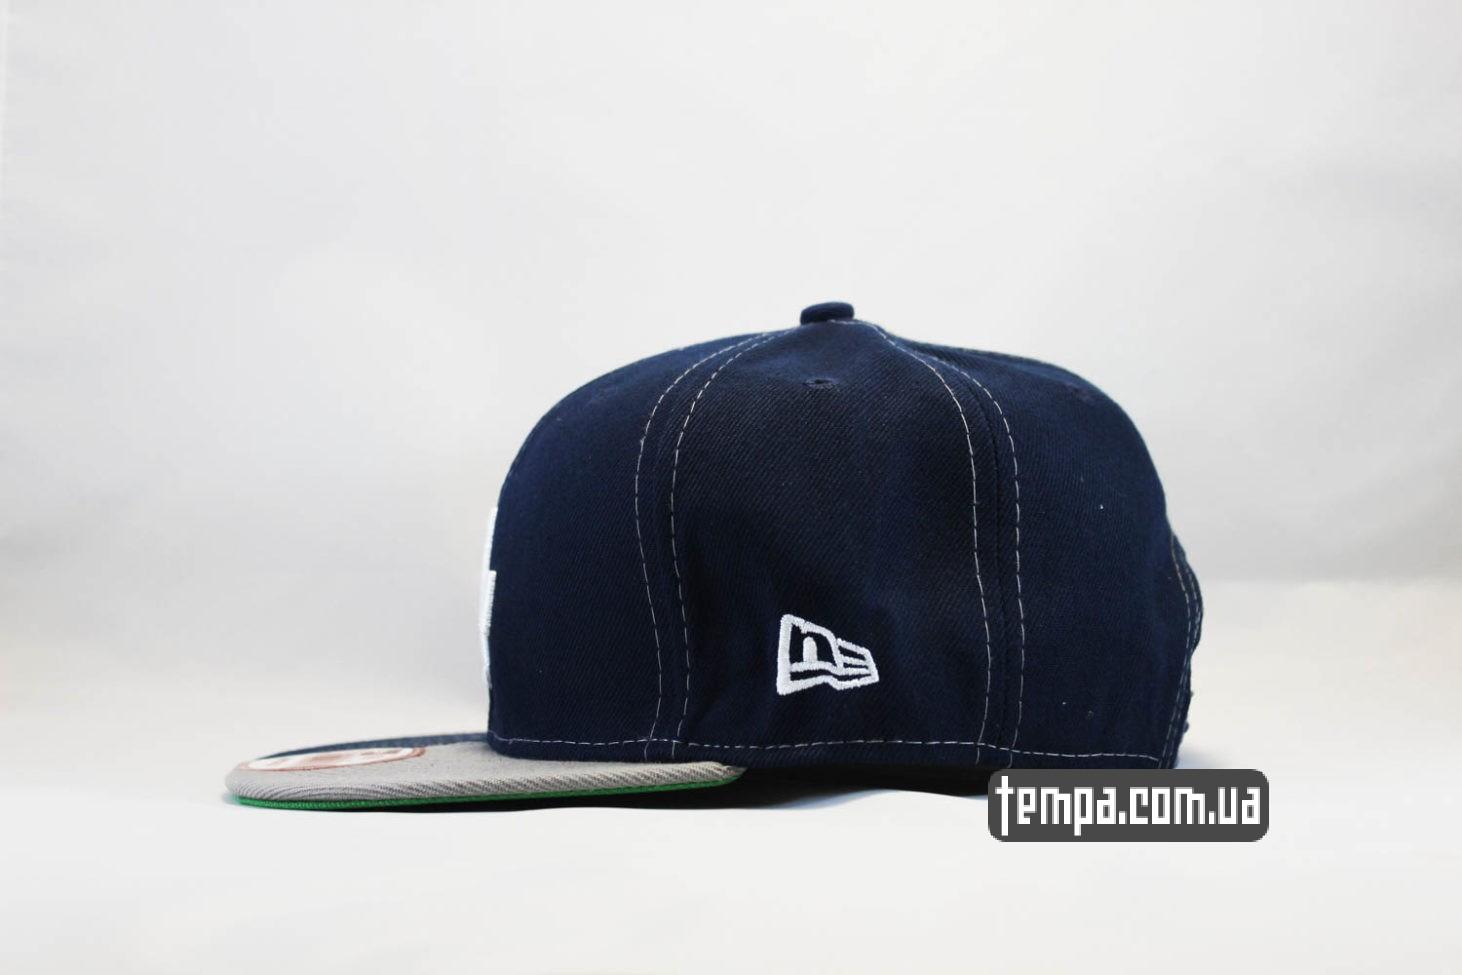 90е 00е кепка Snapback La Los Angeles Oldschool classic New Era бейсболка купить